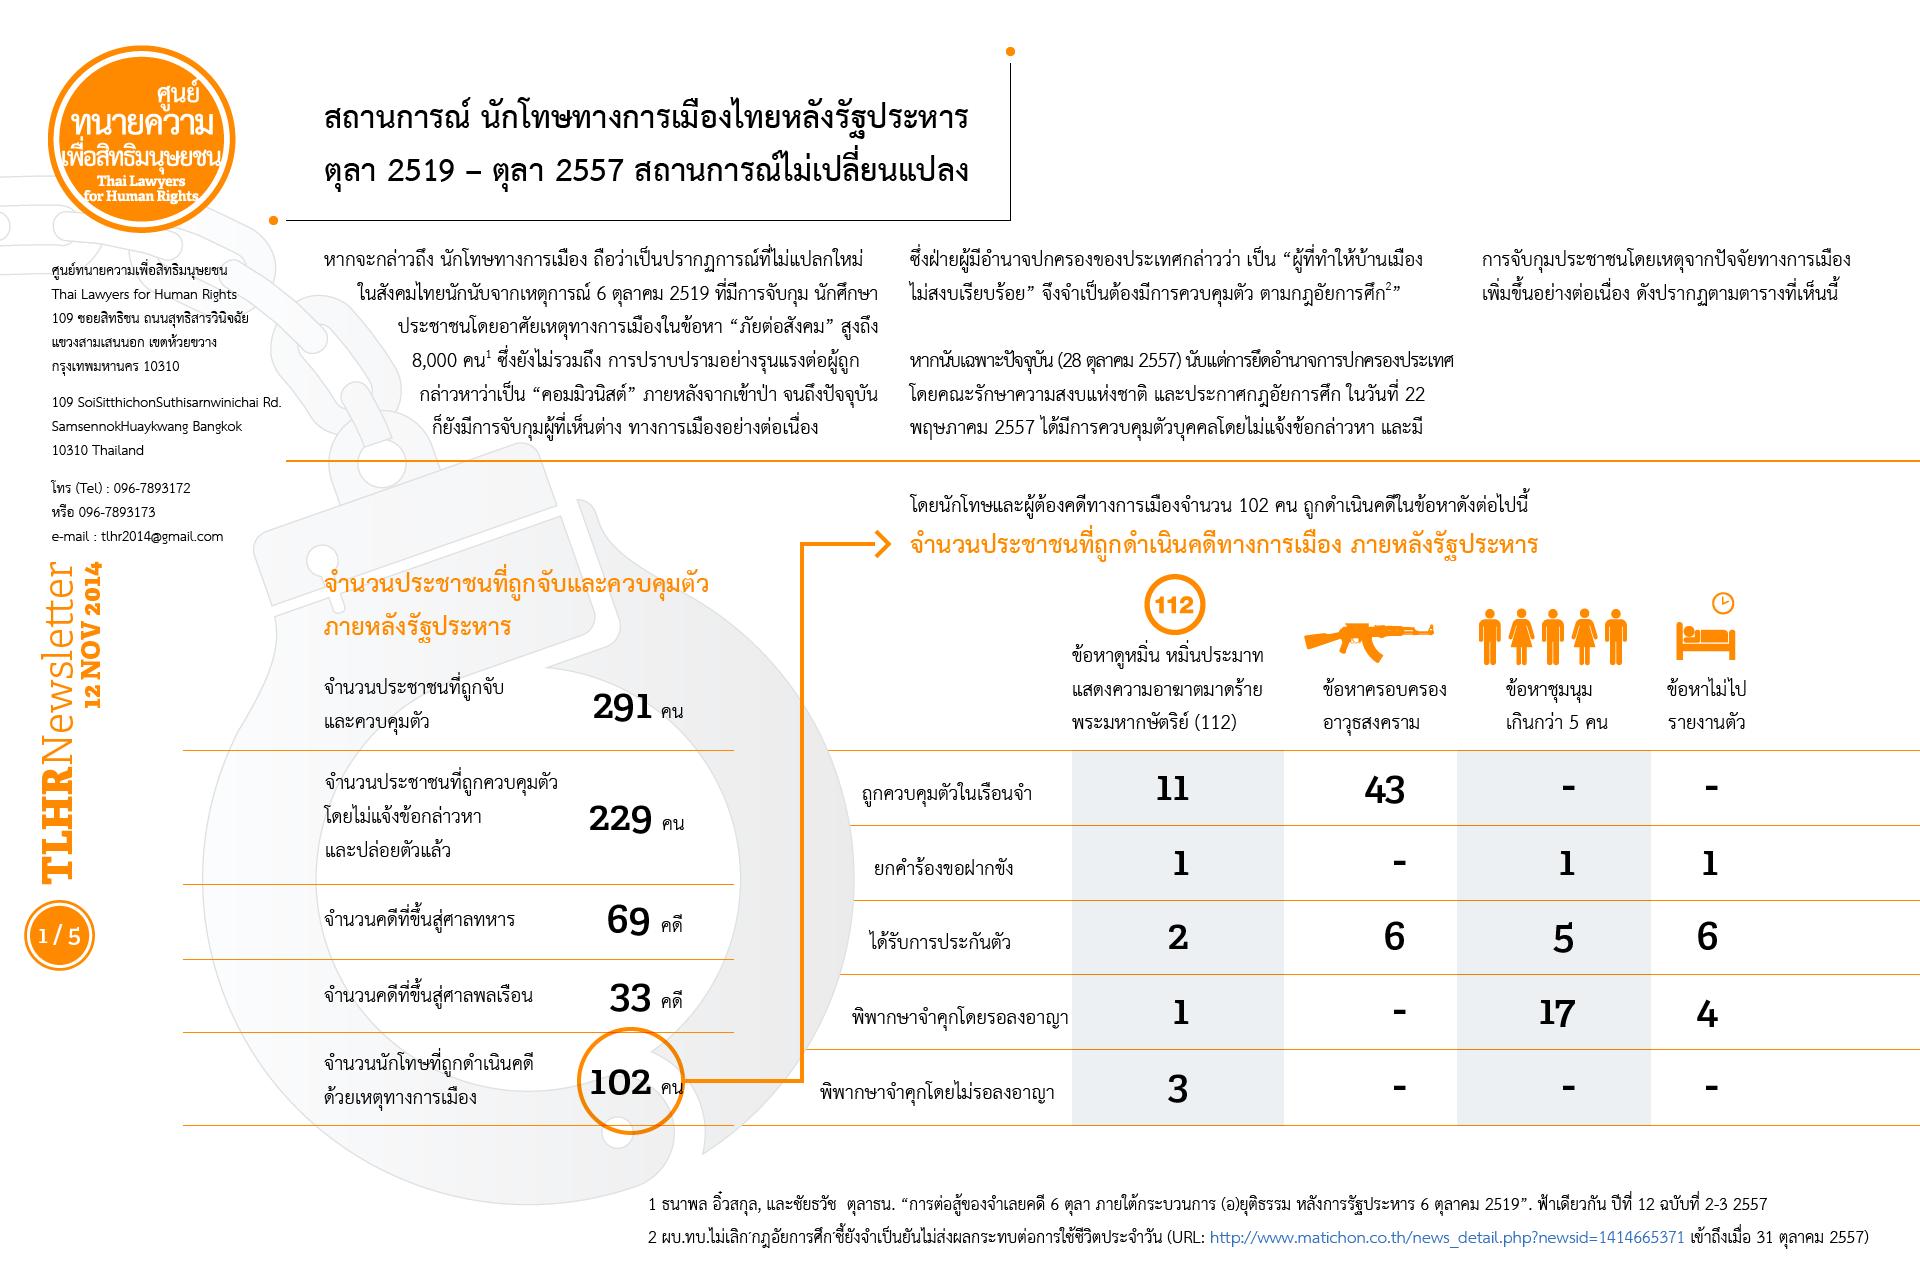 """สถานการณ์นักโทษการเมืองไทย """"ตุลา 19 – ตุลา 57"""" สถานการณ์ไม่เปลี่ยนแปลง"""